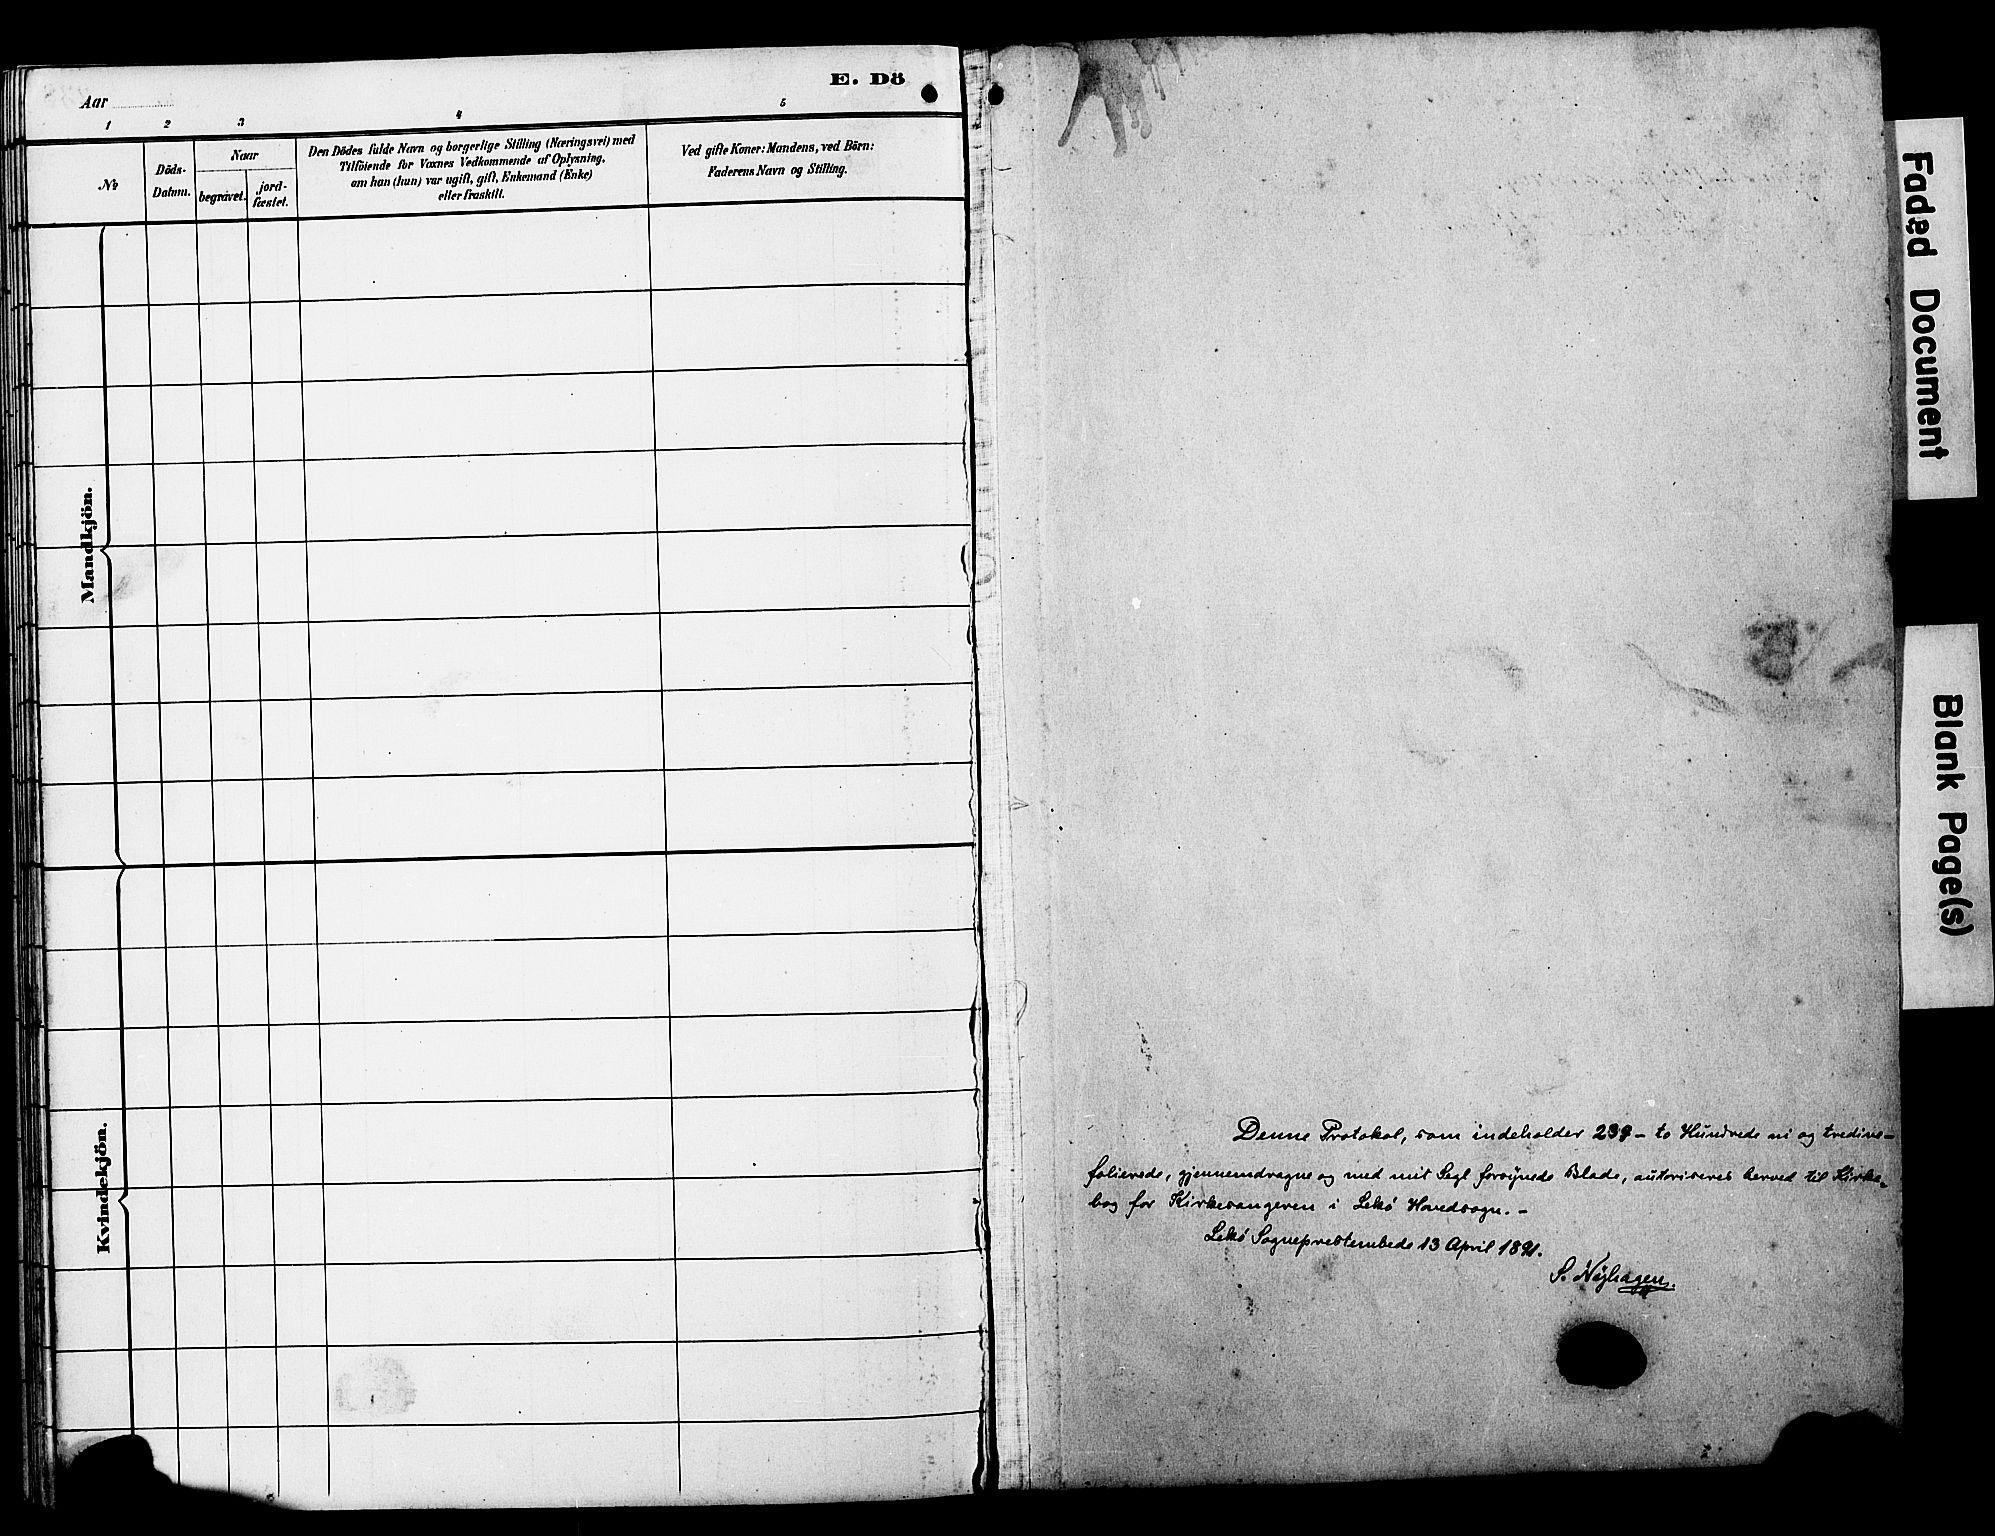 SAT, Ministerialprotokoller, klokkerbøker og fødselsregistre - Nord-Trøndelag, 788/L0701: Klokkerbok nr. 788C01, 1888-1913